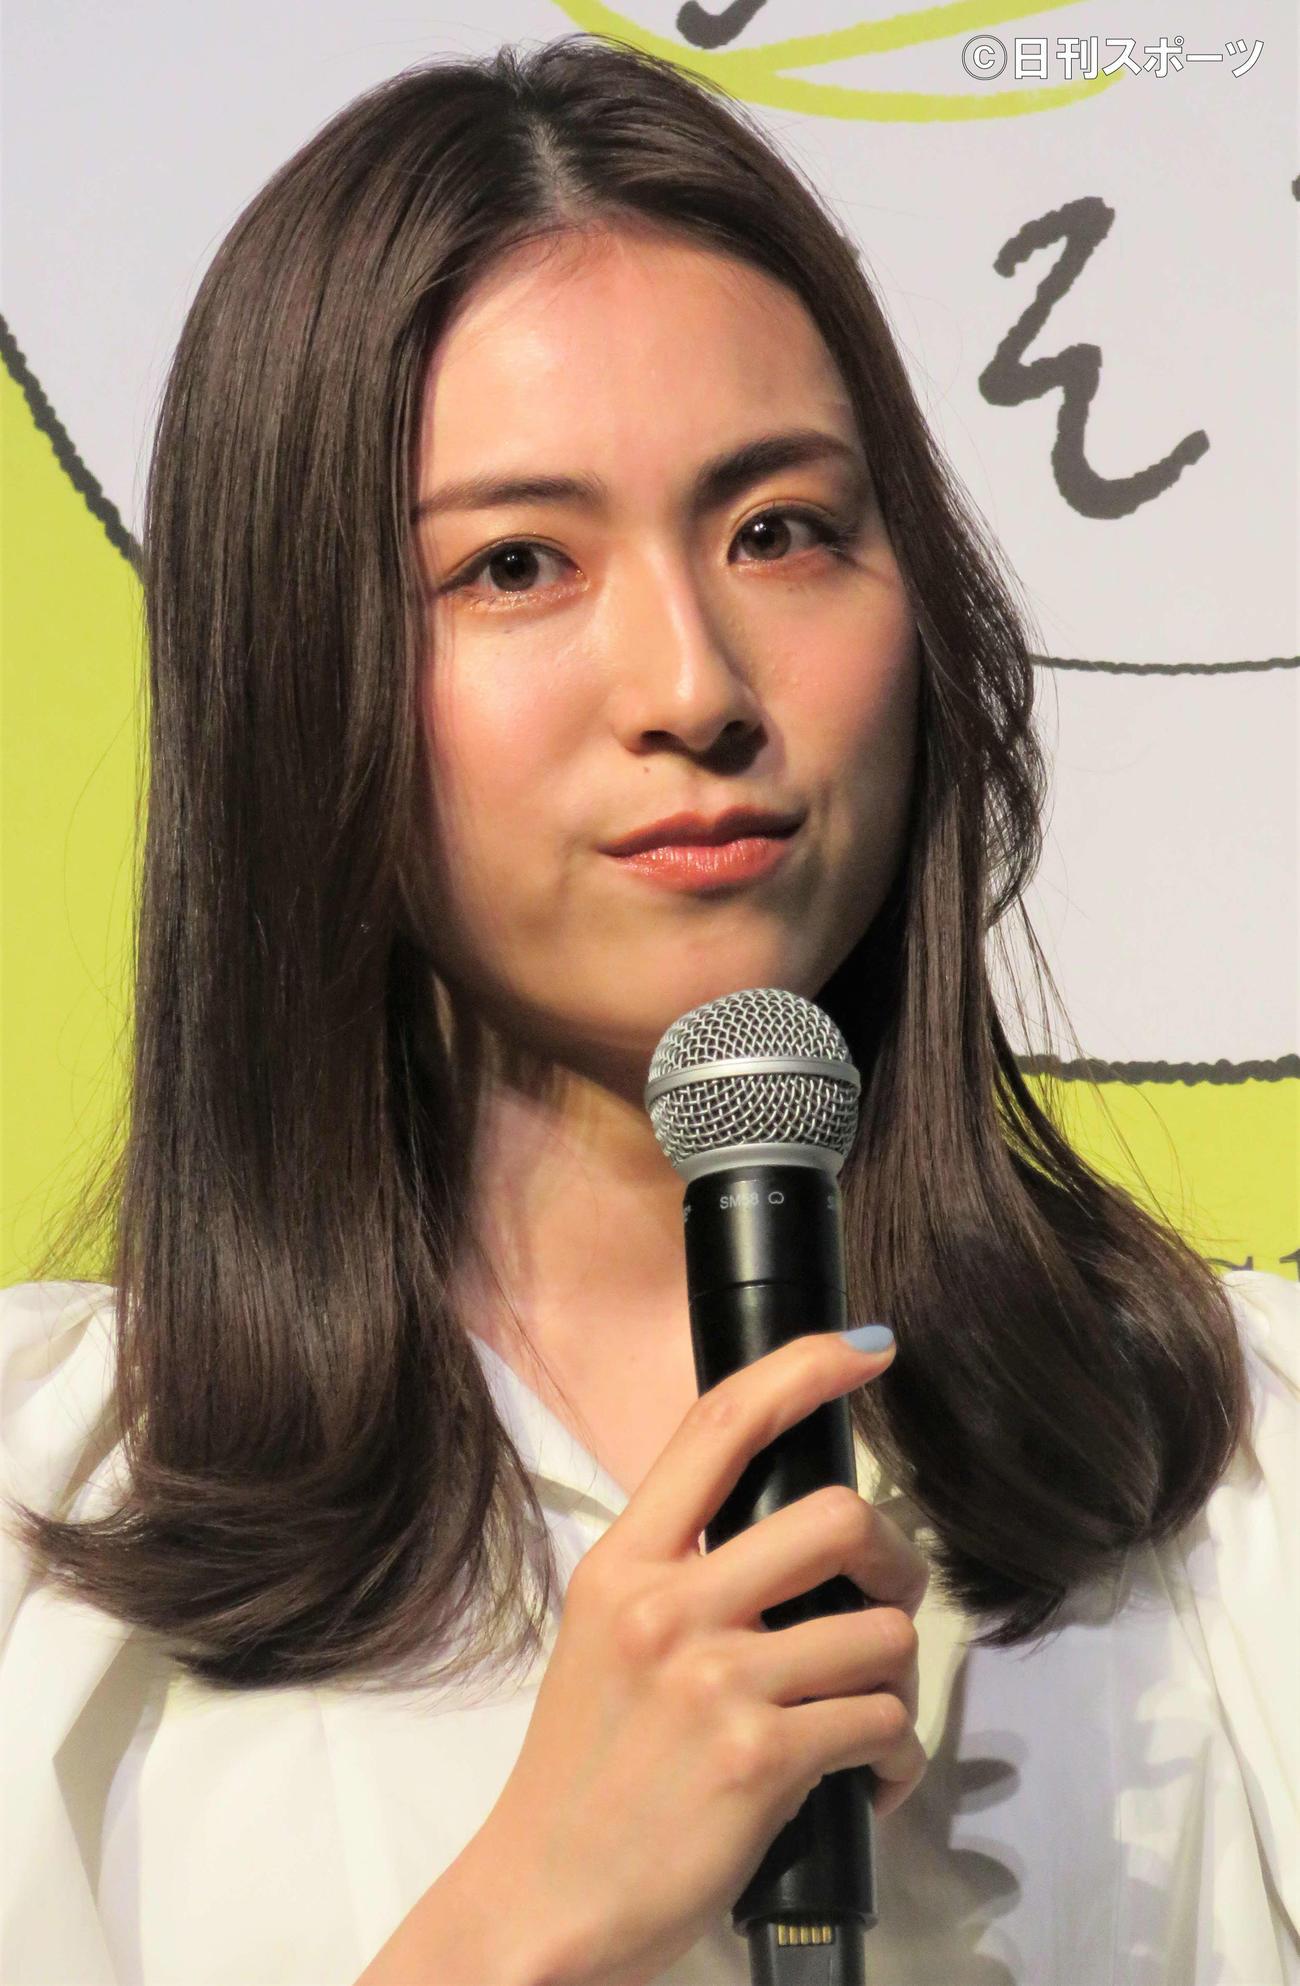 「『今日は家族で話そうよ!With Bistro Do』プロジェクト発表イベントに出席した笹川友里(撮影・三須佳夏)